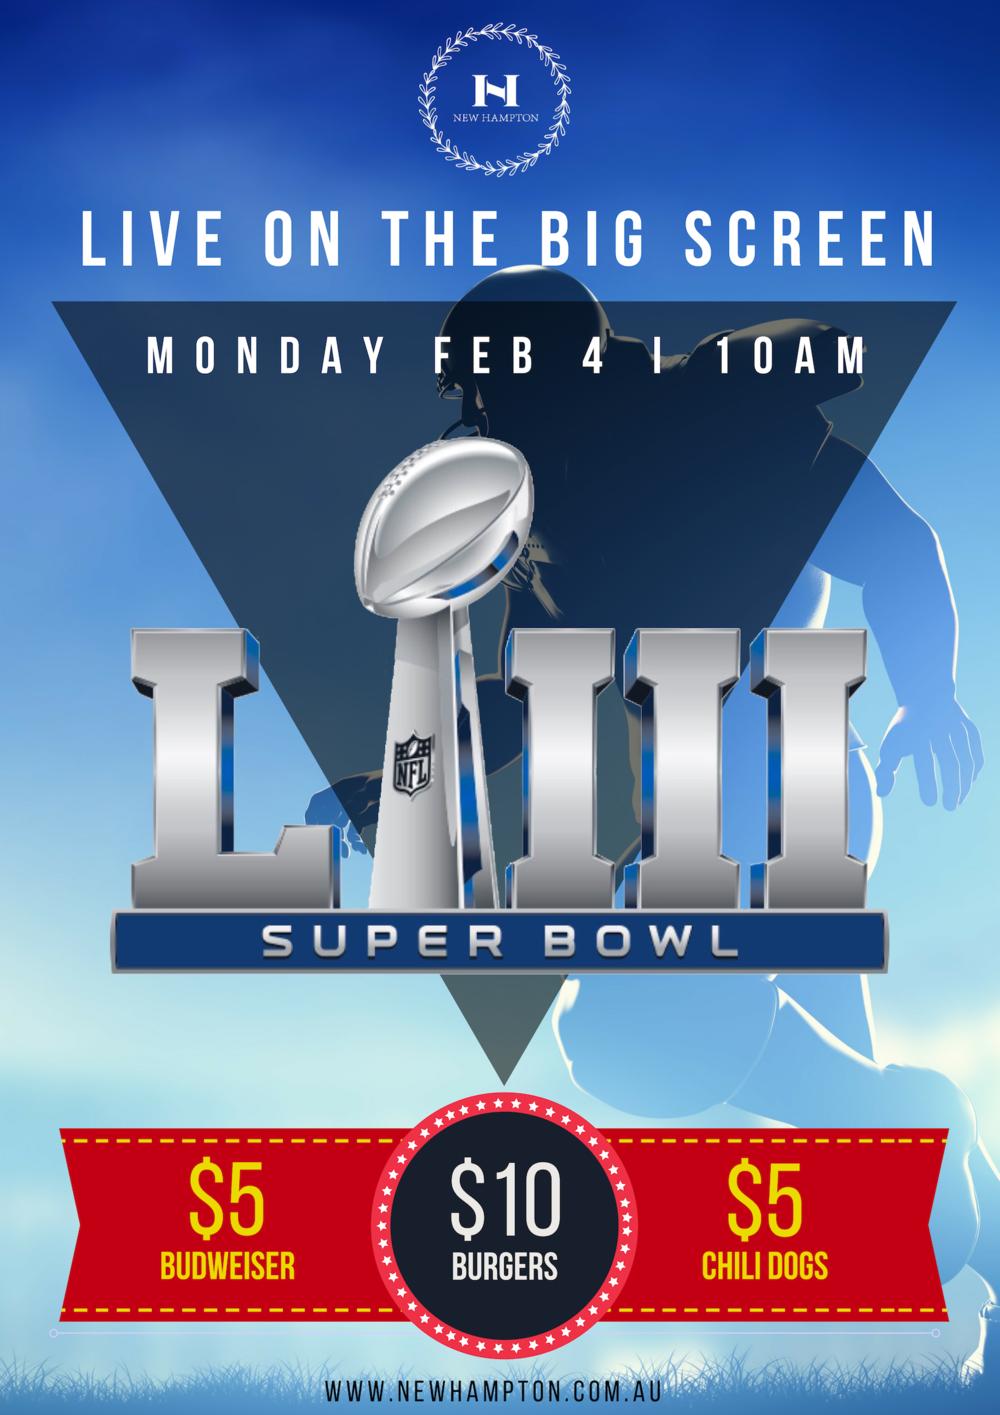 Copy of NFL superbowl 1 (3).png